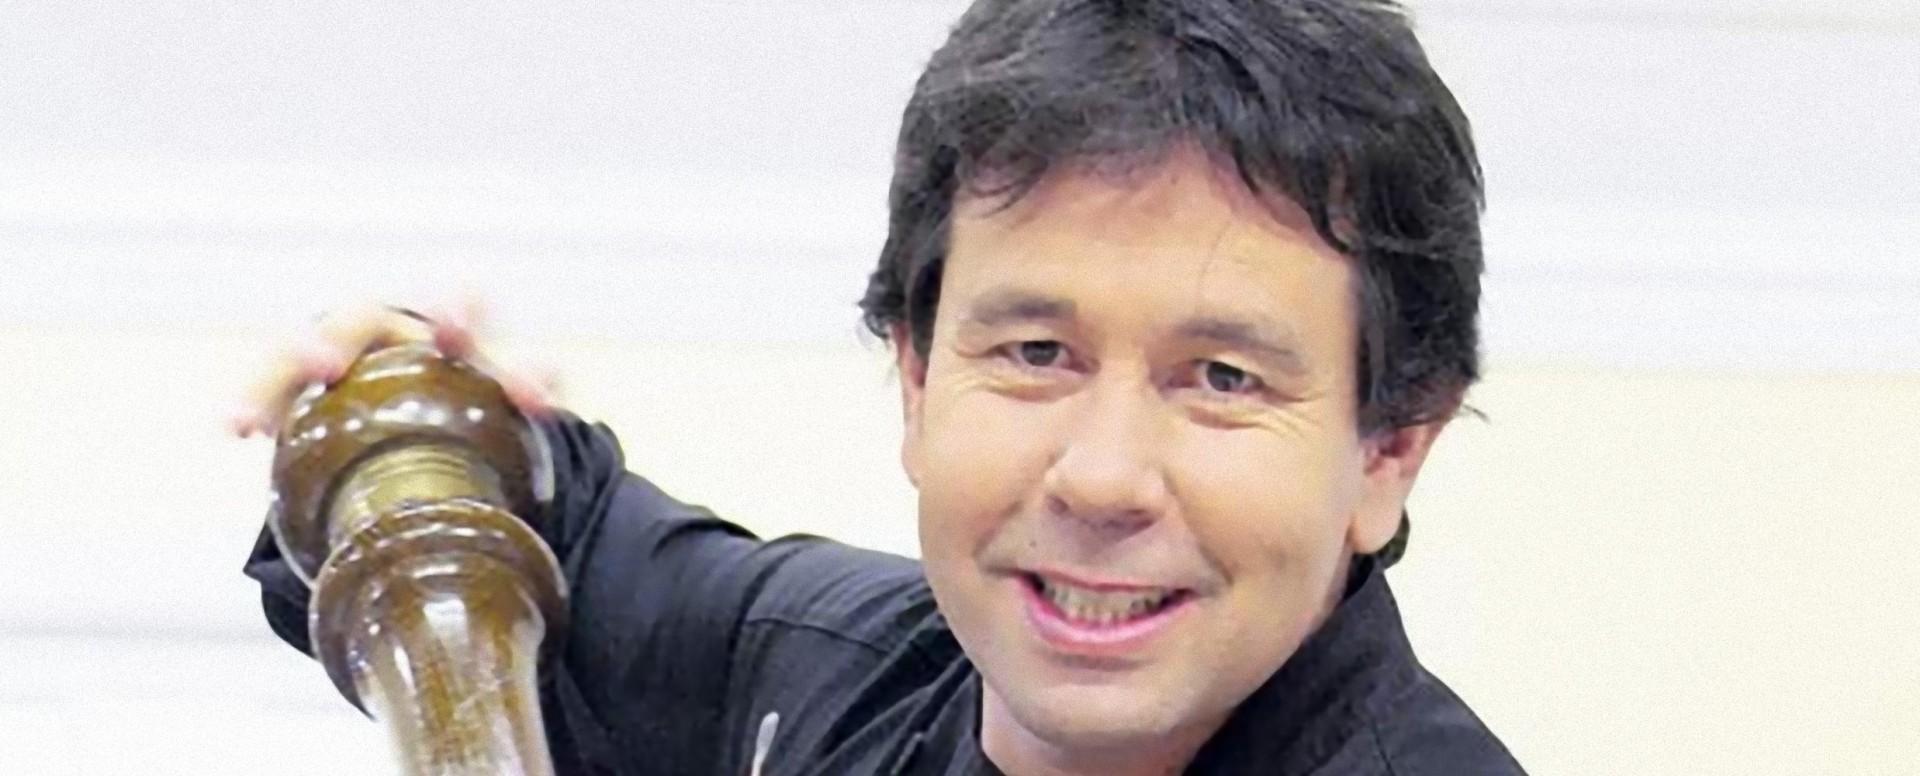 Ariel Rodríguez Palacios - ariel-rodriguez-palacios